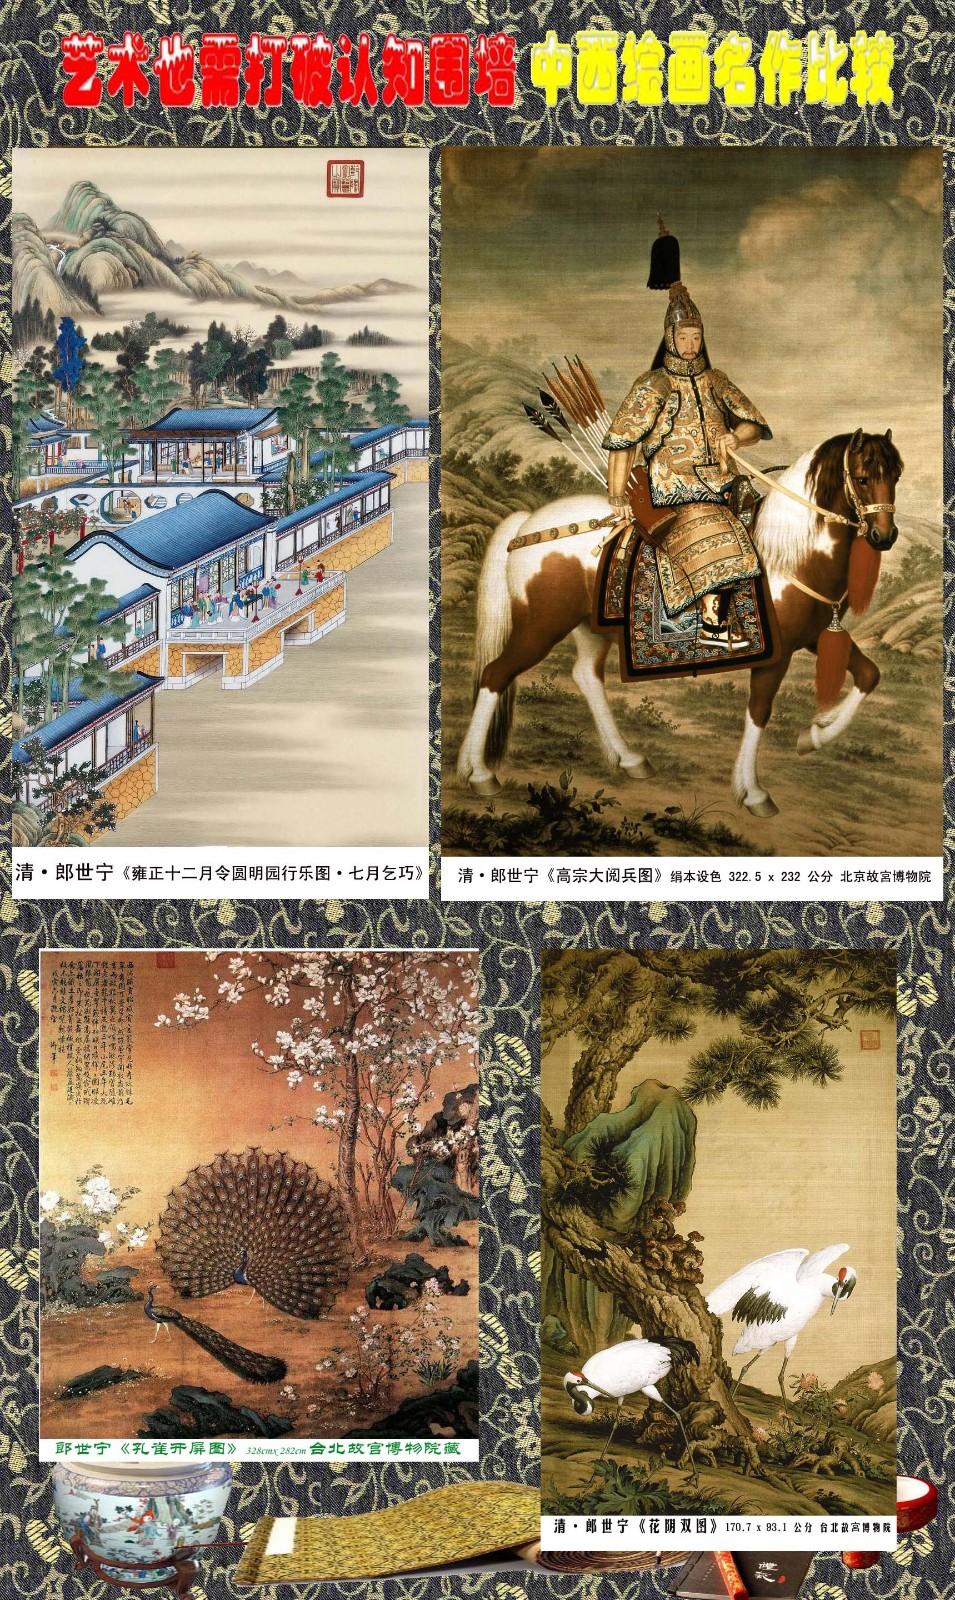 艺术需打破认知围墙  中西绘画名作比较_图1-21